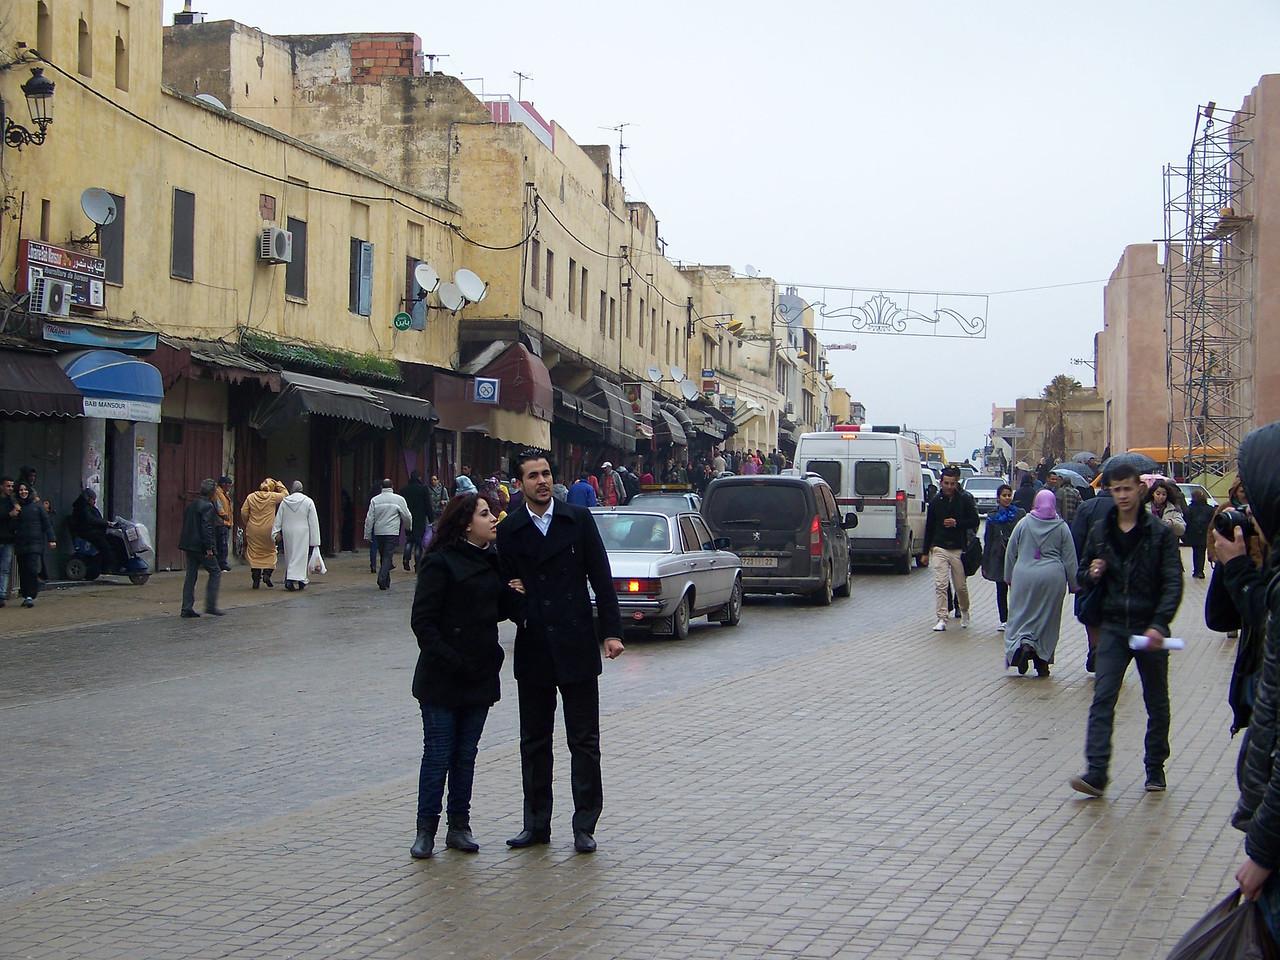 0040 - Street in the Medina - Meknes Morocco.JPG